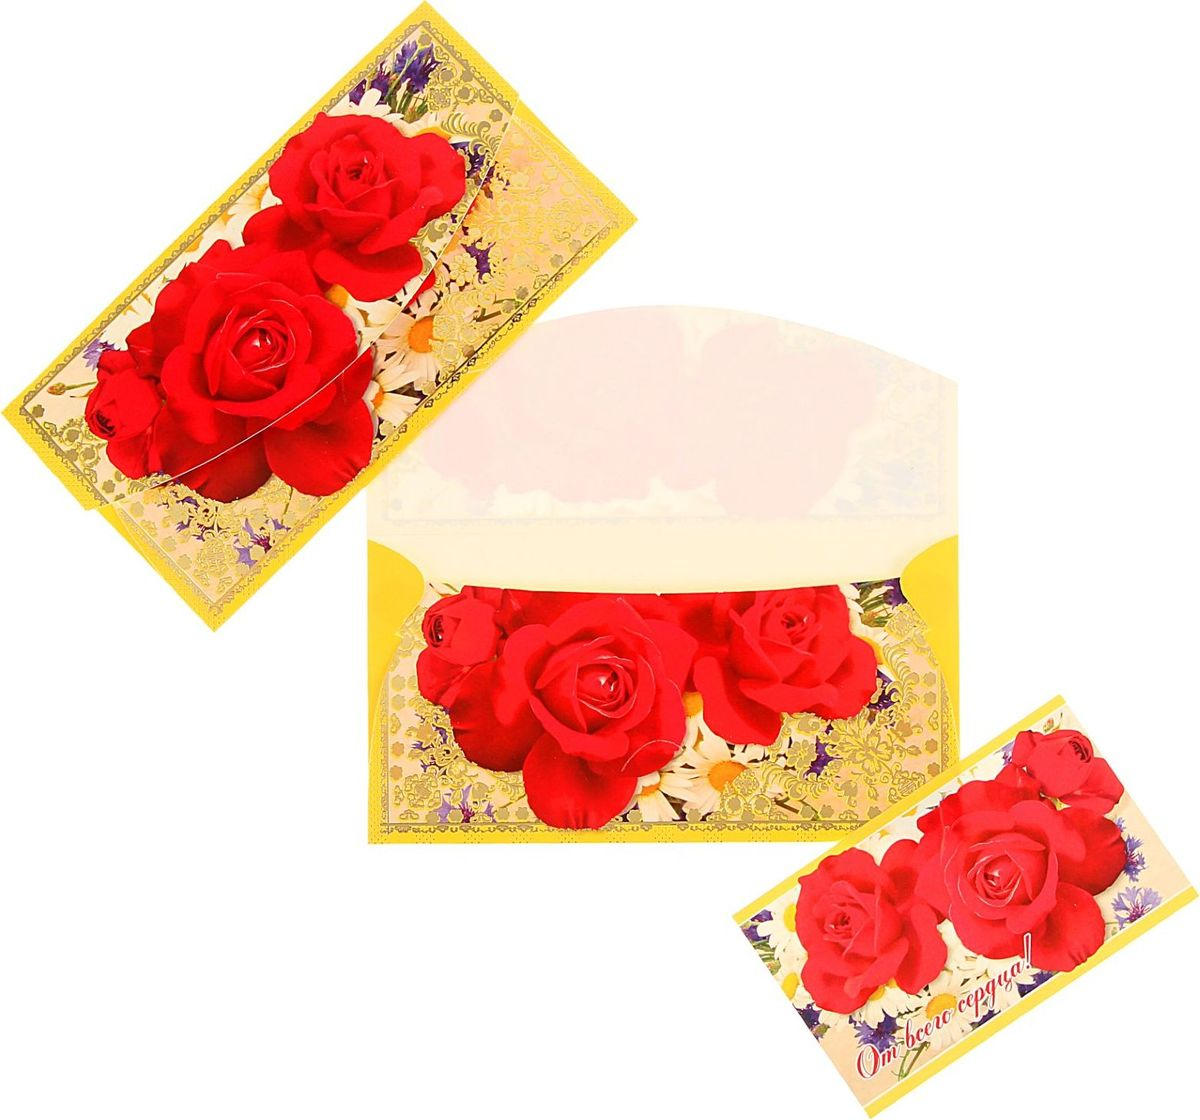 Конверт для денег Русский дизайн Универсальный. Красные розы, золотистый фон, 16,5 х 8,5 см1536061Невозможно представить нашу жизнь без праздников! Мы всегда ждём их и предвкушаем, обдумываем, как проведём памятный день, тщательно выбираем подарки и аксессуары, ведь именно они создают и поддерживают торжественный настрой. Этот конверт для денег - отличный выбор, который привнесёт атмосферу праздника в ваш дом!